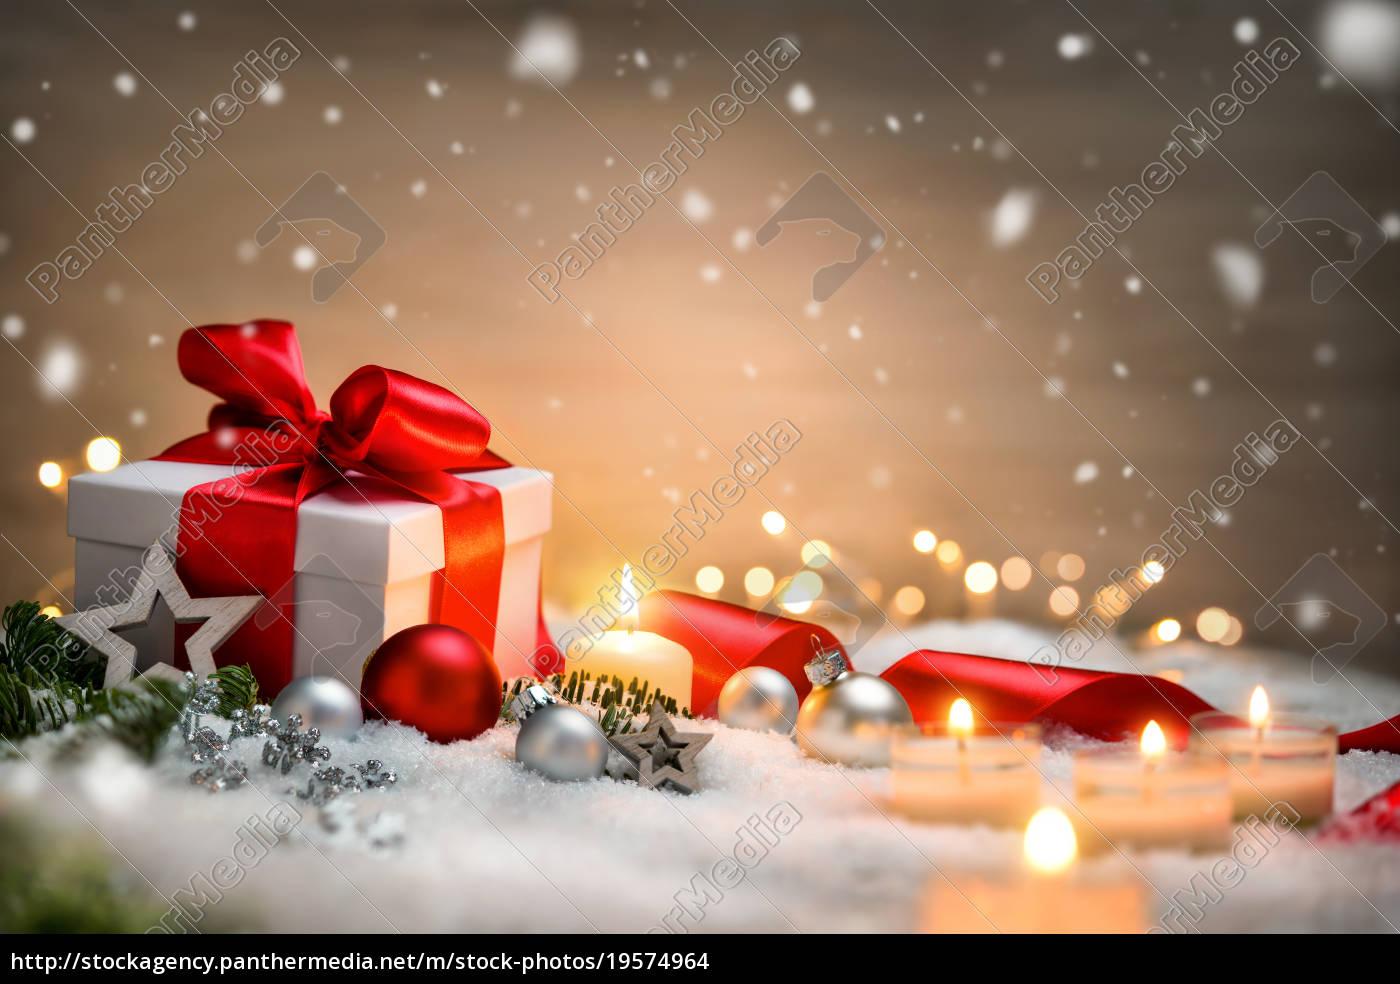 Weihnachten Hintergrund.Lizenzfreies Foto 19574964 Weihnachten Hintergrund Mit Geschenk Und Rotem Band Kerzen